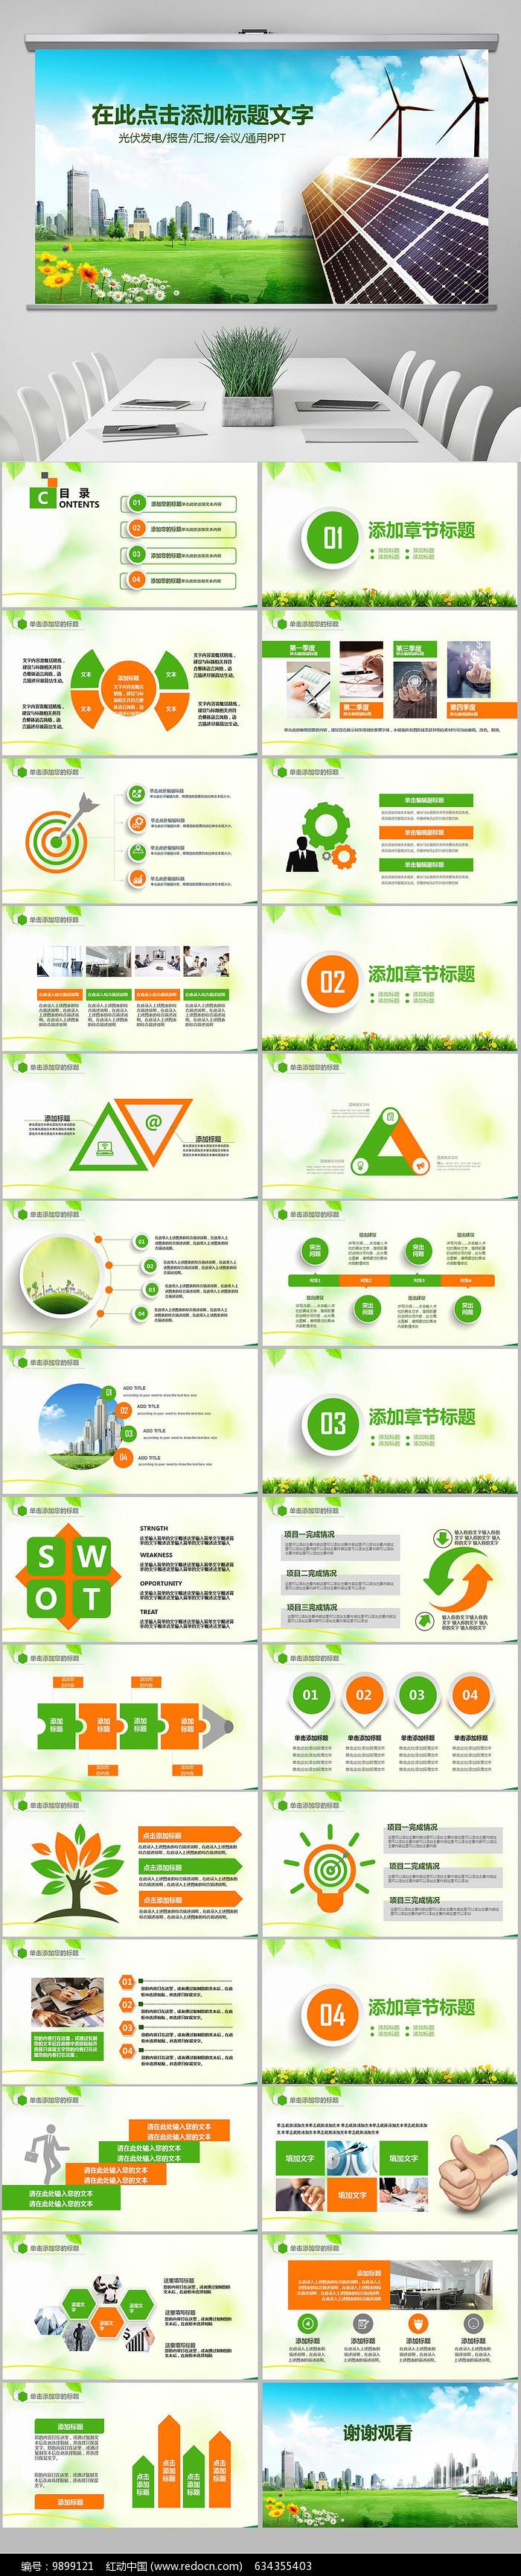 光伏发电项目总结策划PPT图片